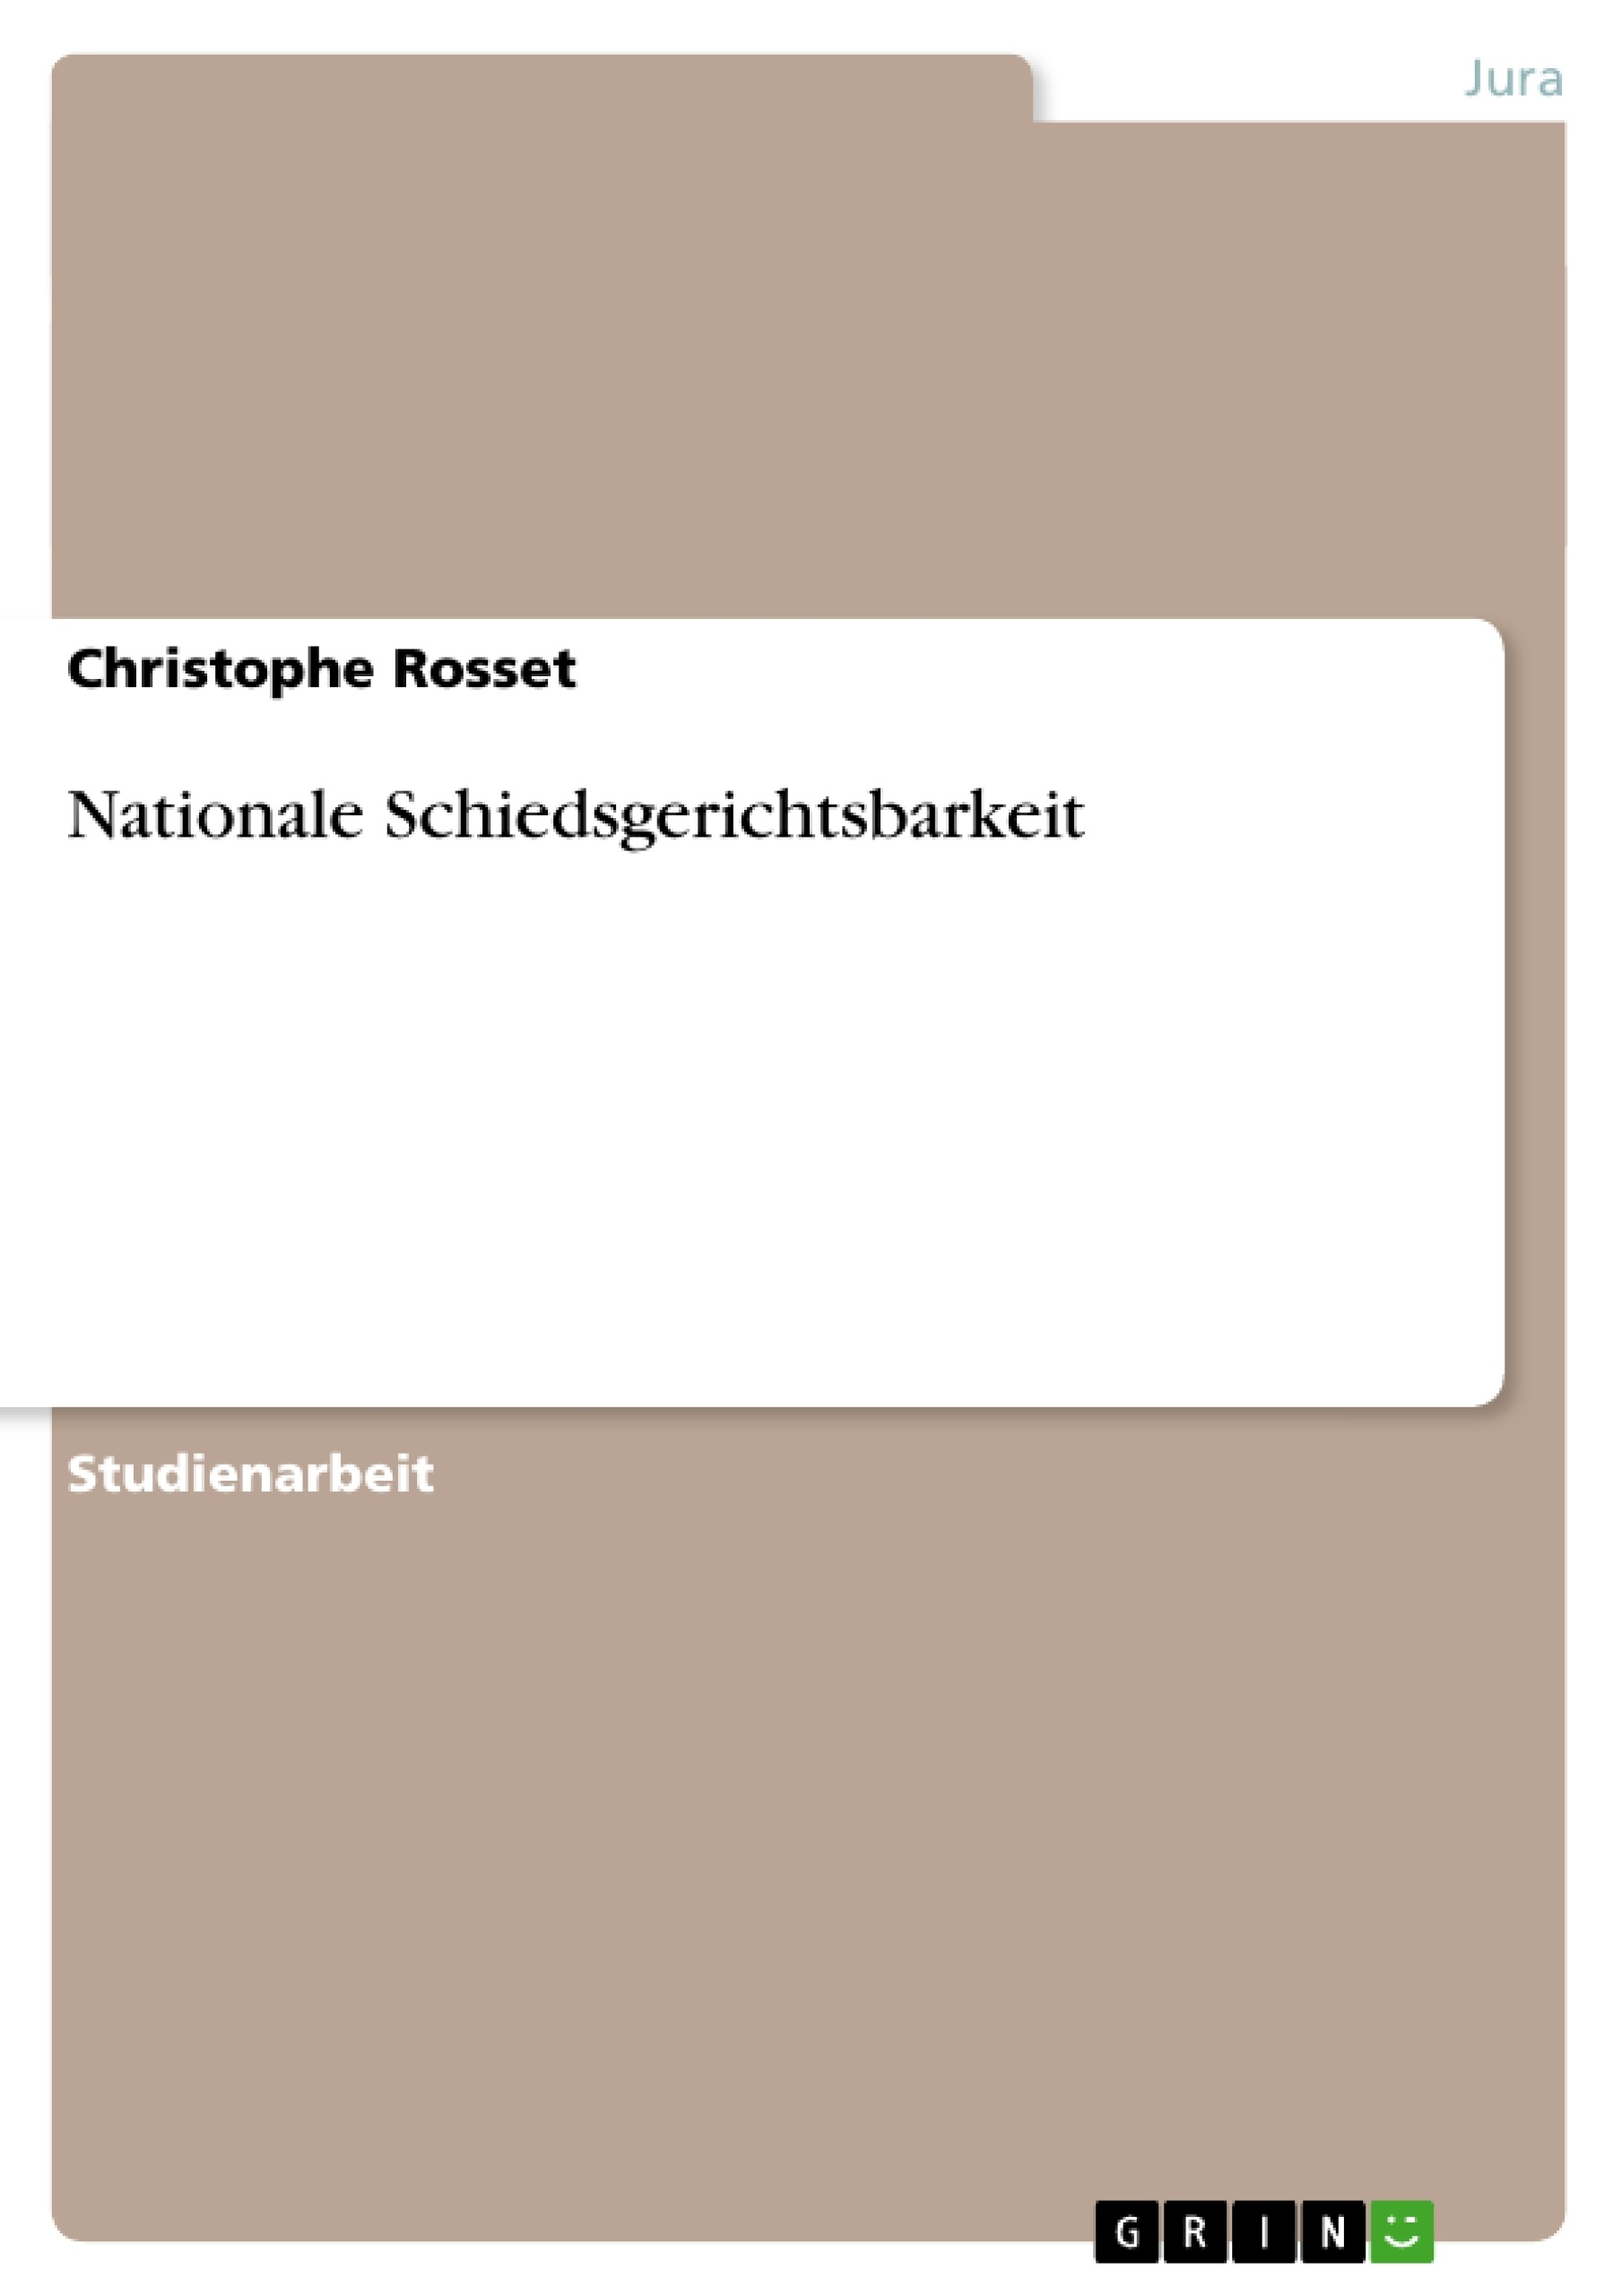 Titel: Nationale Schiedsgerichtsbarkeit